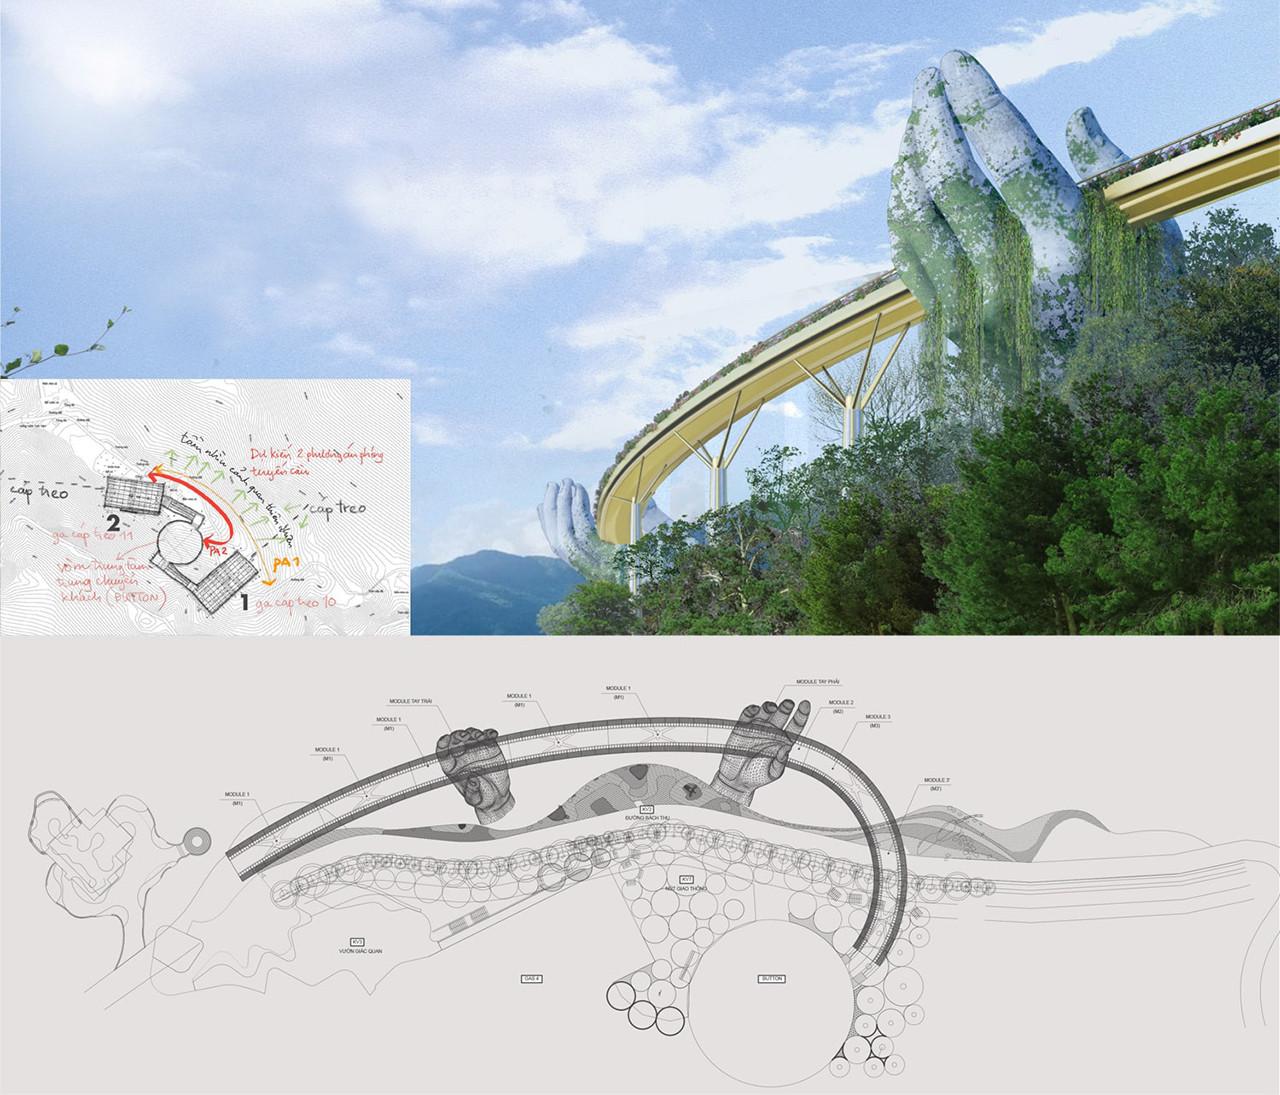 Cầu vàng golden bridge Đà Nẵng – sự kết nối giữa con người với thiên nhiên